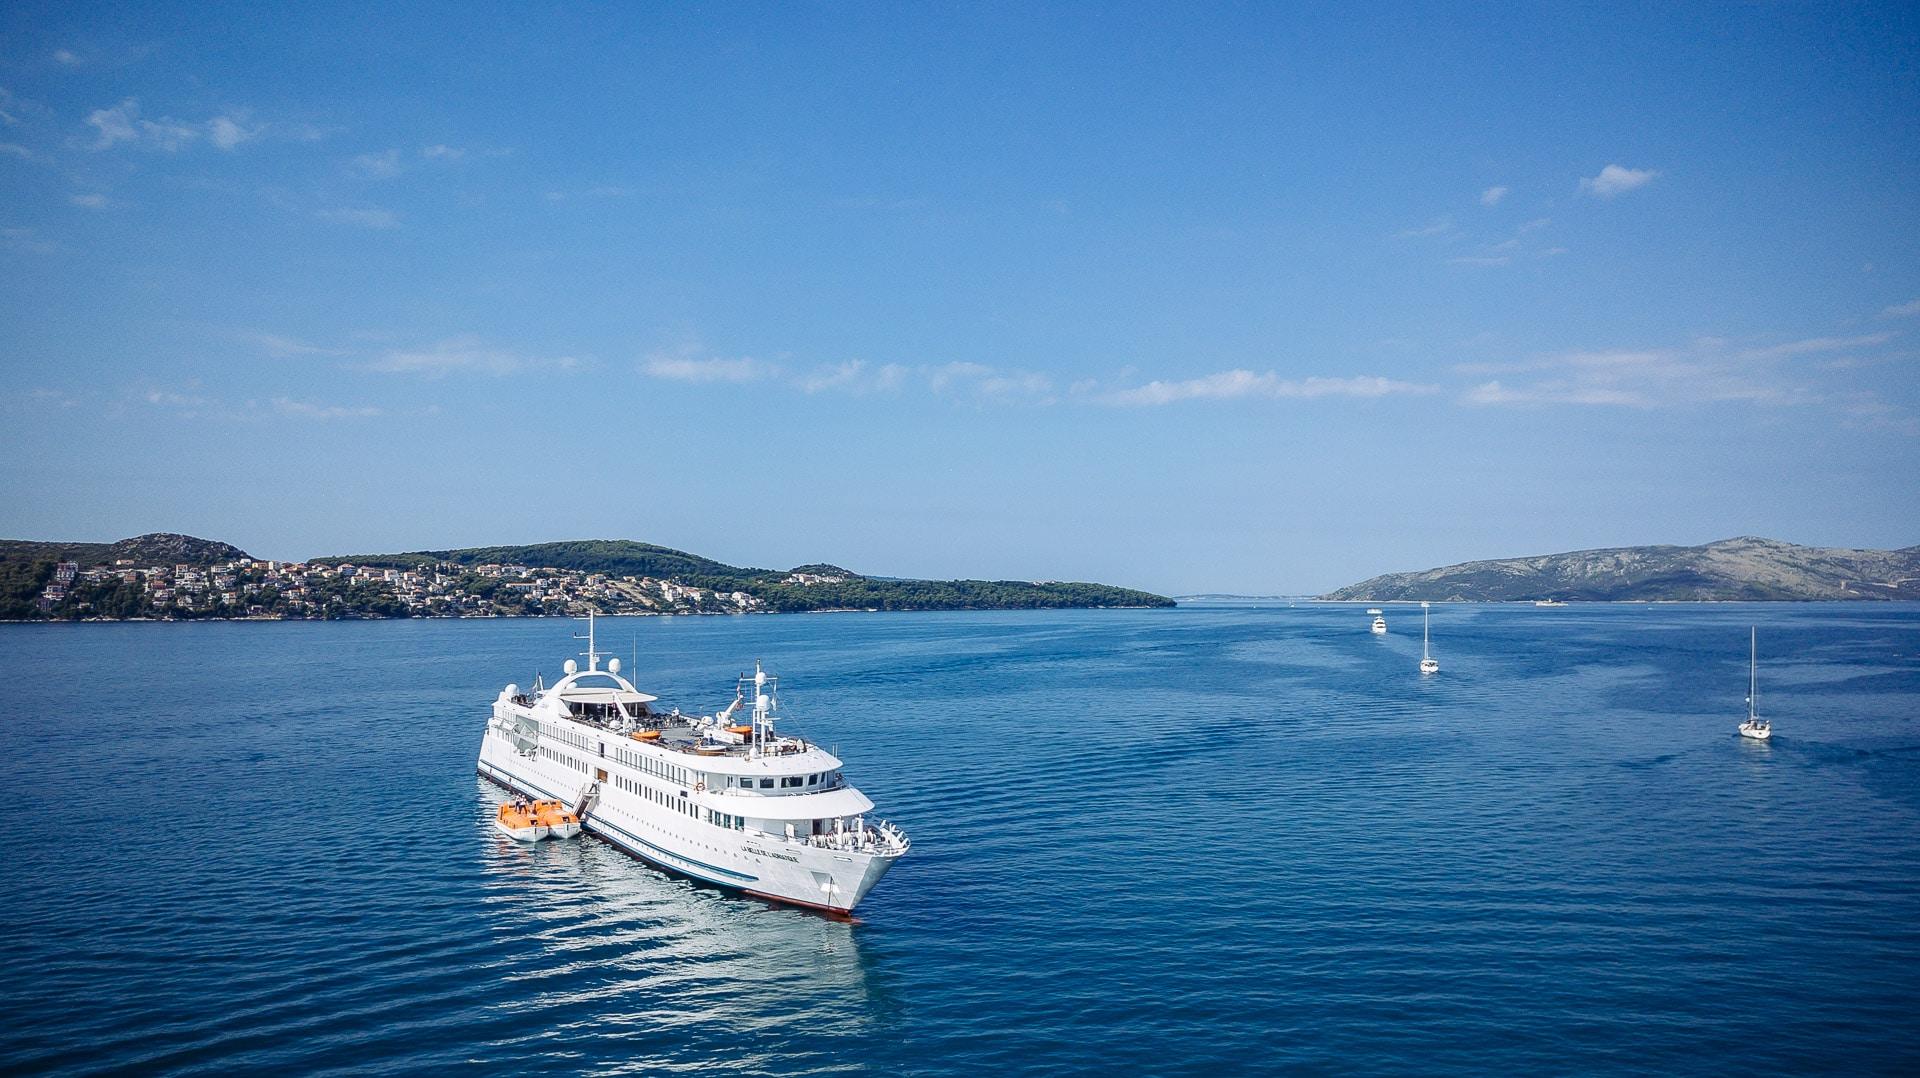 Croisière d'une semaine en Croatie avec CroisiEurope